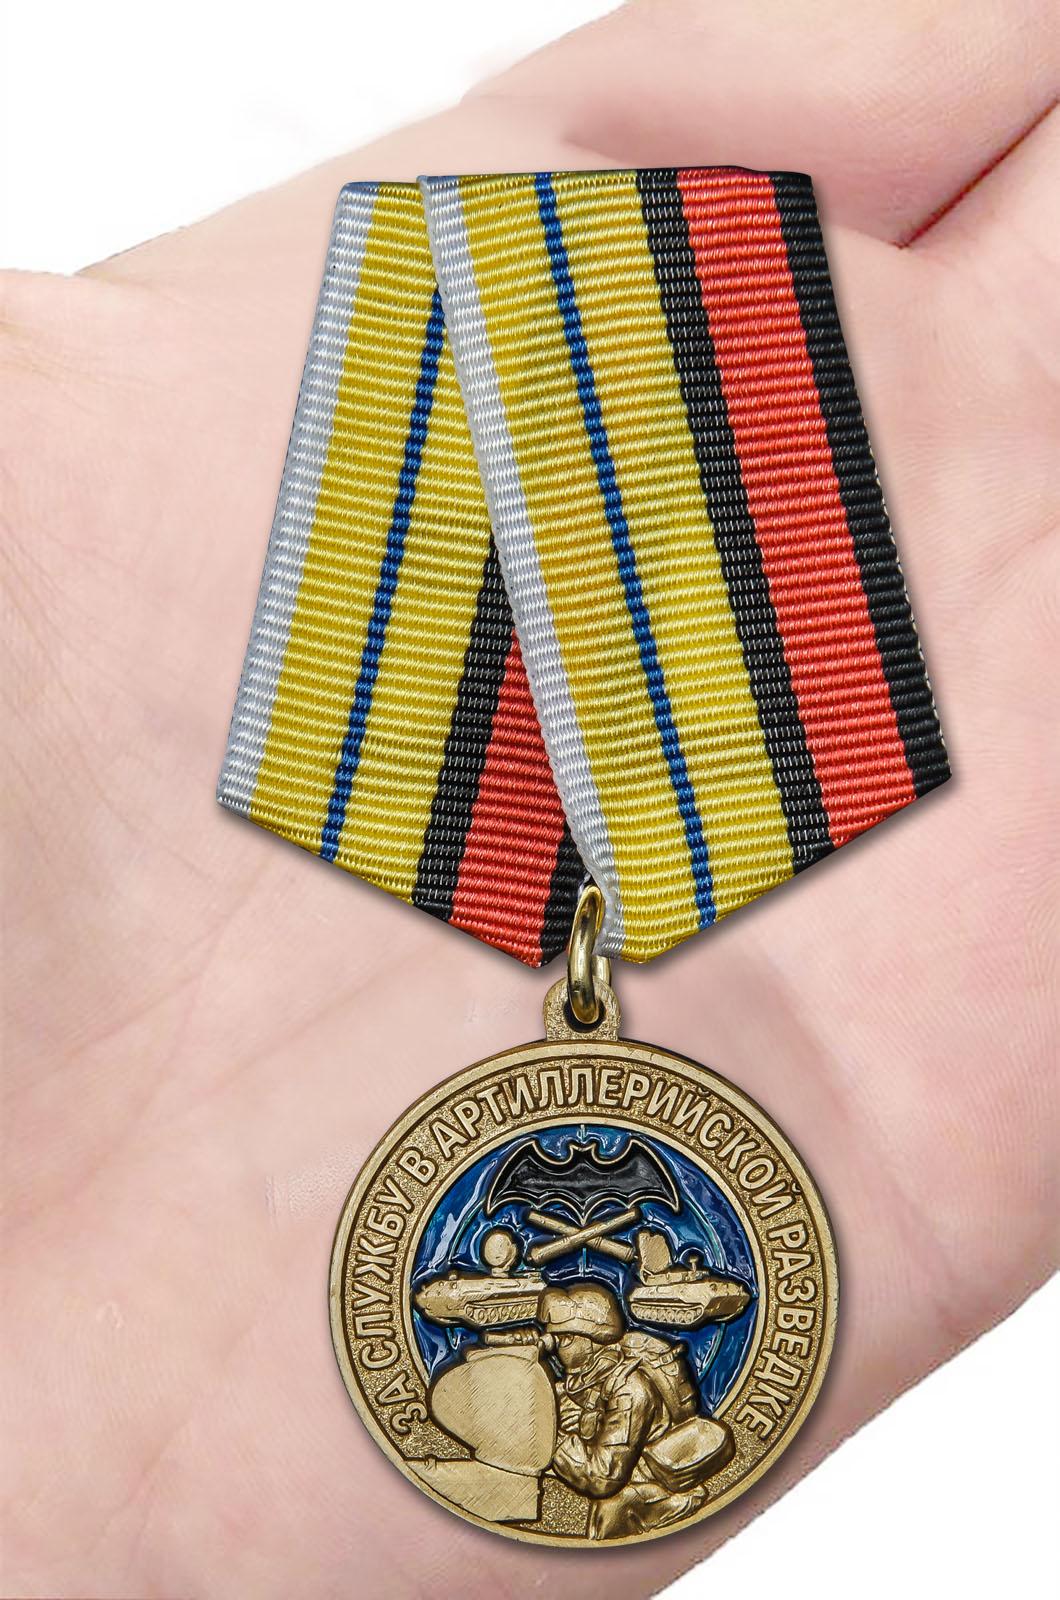 """Заказать медаль """"За службу в артиллерийской разведке"""""""